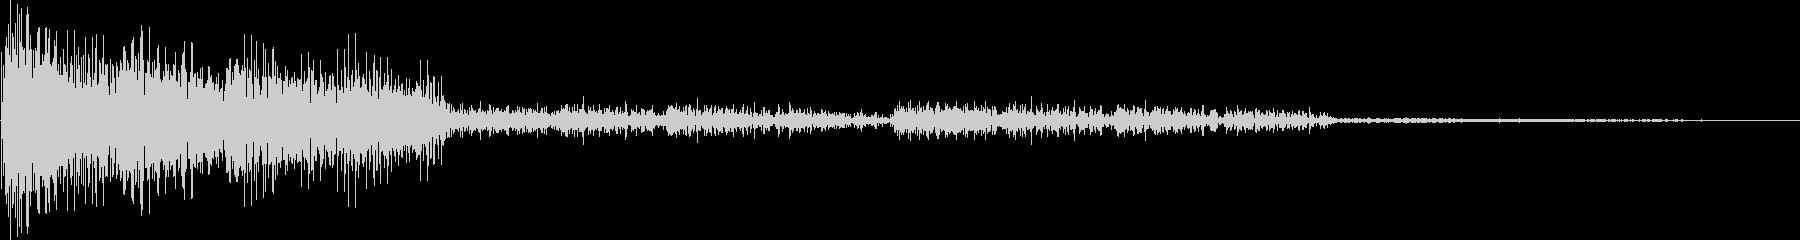 ピロロロン(スワイプ、パスワード)の未再生の波形